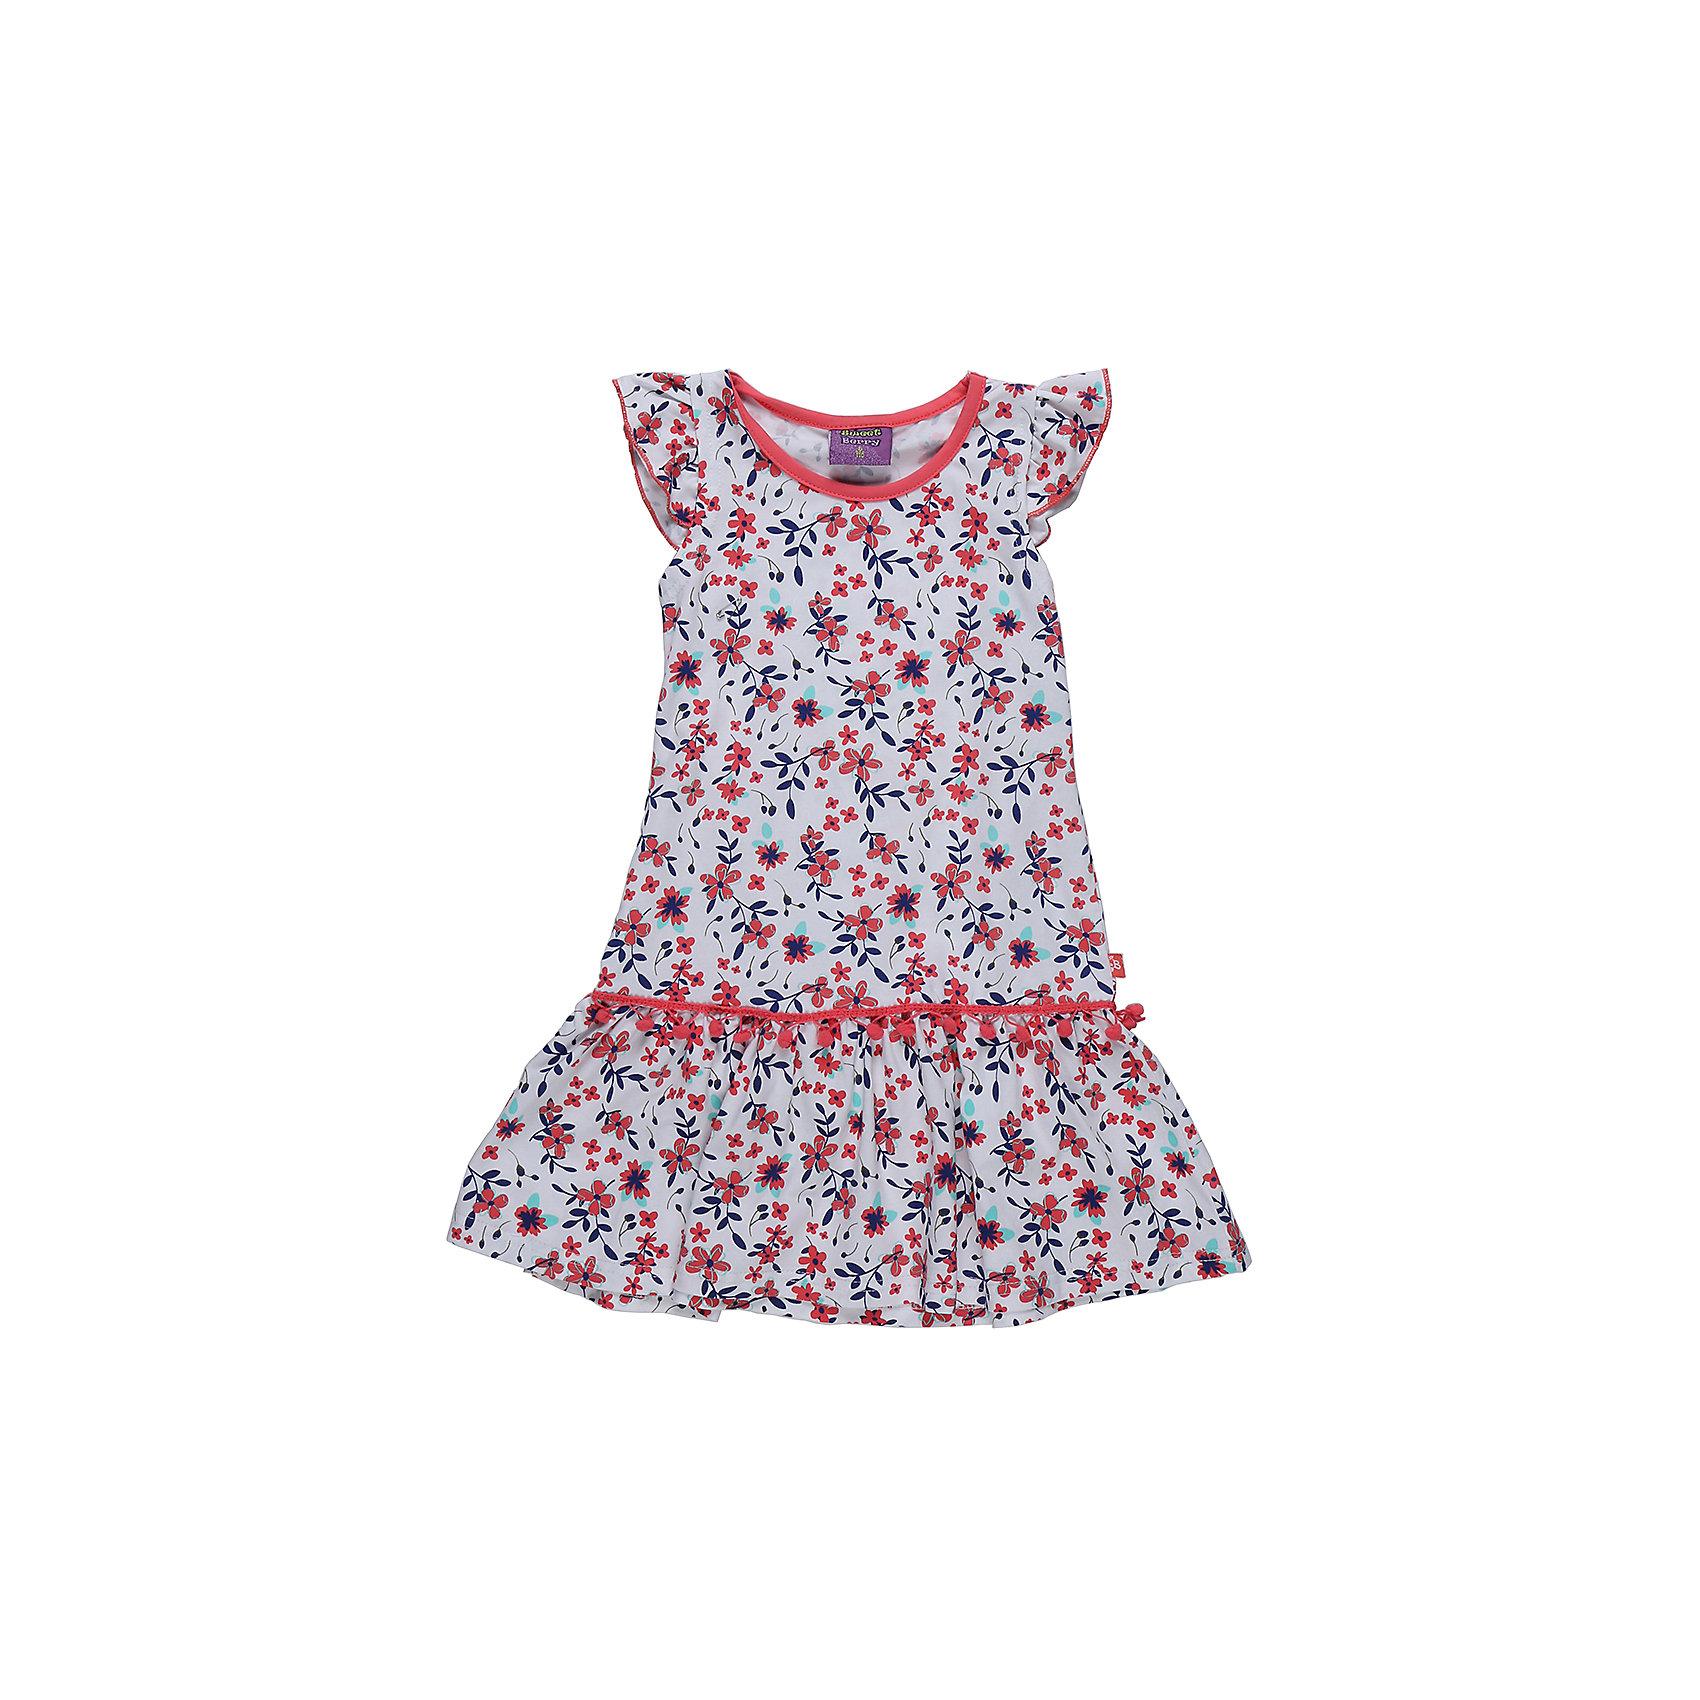 Платье для девочки Sweet BerryПлатье из трикотажной принтованной ткани. Рукава-крылышки. Горловина выполнена из контрастной ткани.<br>Состав:<br>95%хлопок 5%эластан<br><br>Ширина мм: 236<br>Глубина мм: 16<br>Высота мм: 184<br>Вес г: 177<br>Цвет: разноцветный<br>Возраст от месяцев: 36<br>Возраст до месяцев: 48<br>Пол: Женский<br>Возраст: Детский<br>Размер: 104,98,110,116,122,128<br>SKU: 5412212